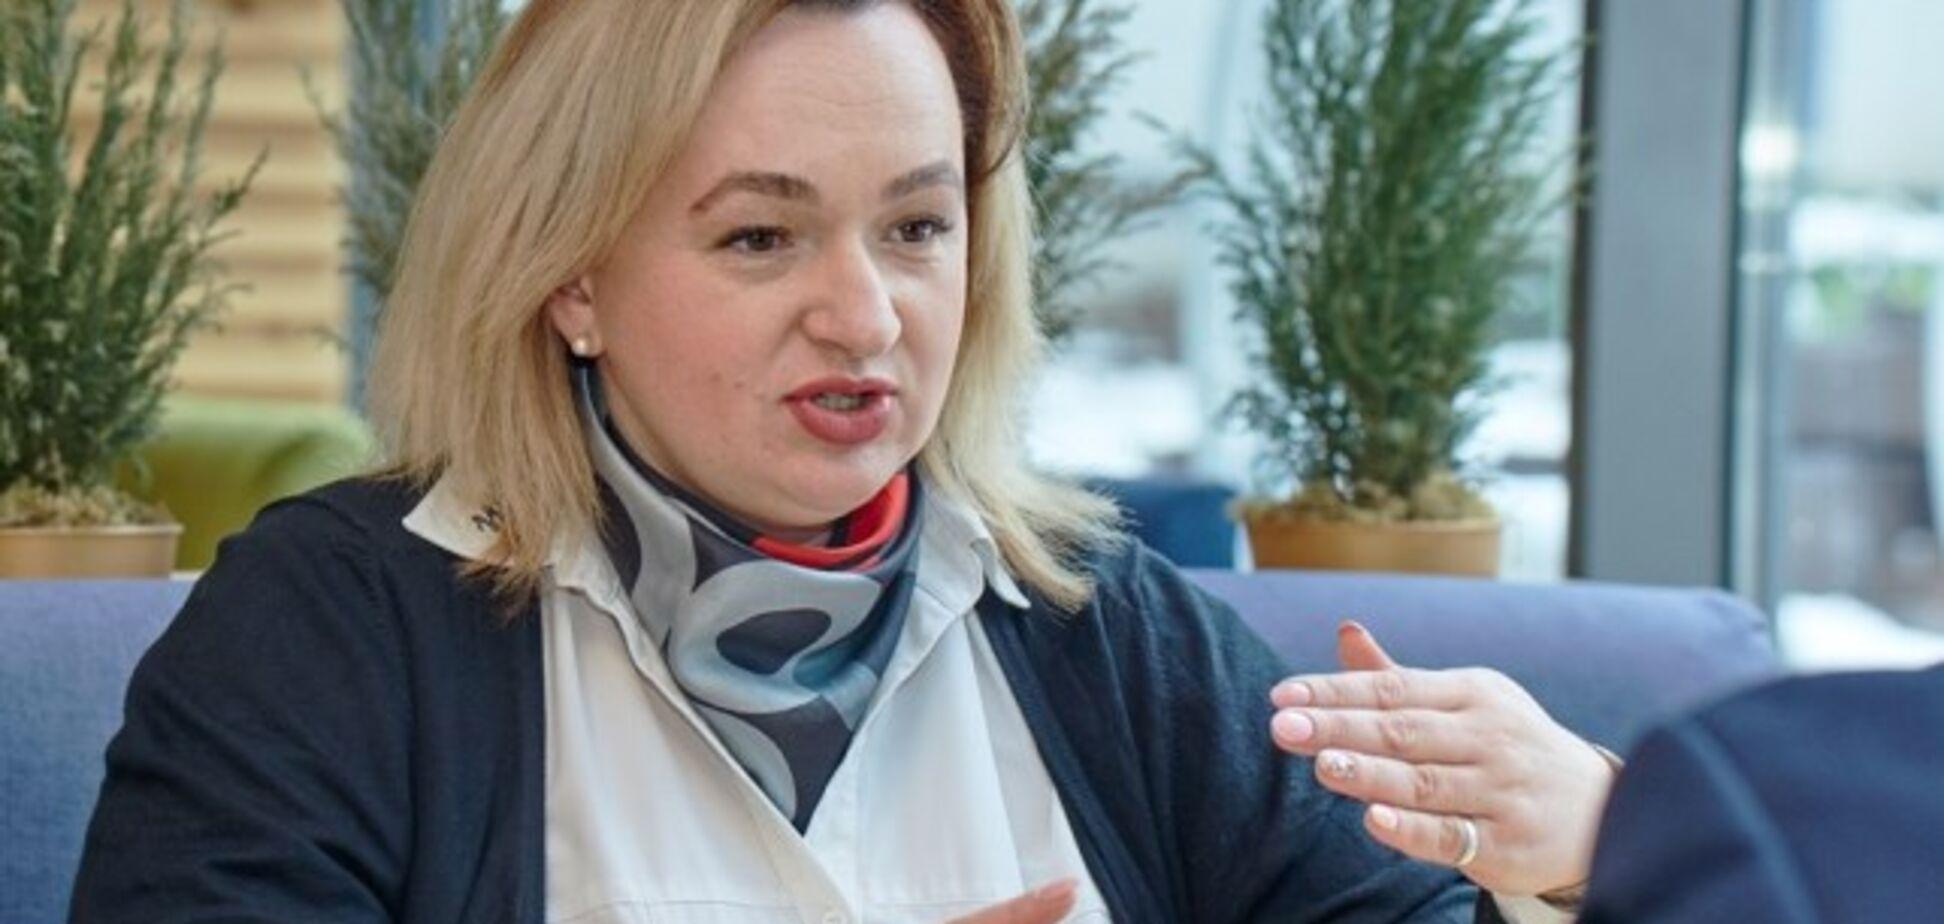 Кандидатка в представники Нацради в Харківській області потрапила в скандал через фейковий диплом